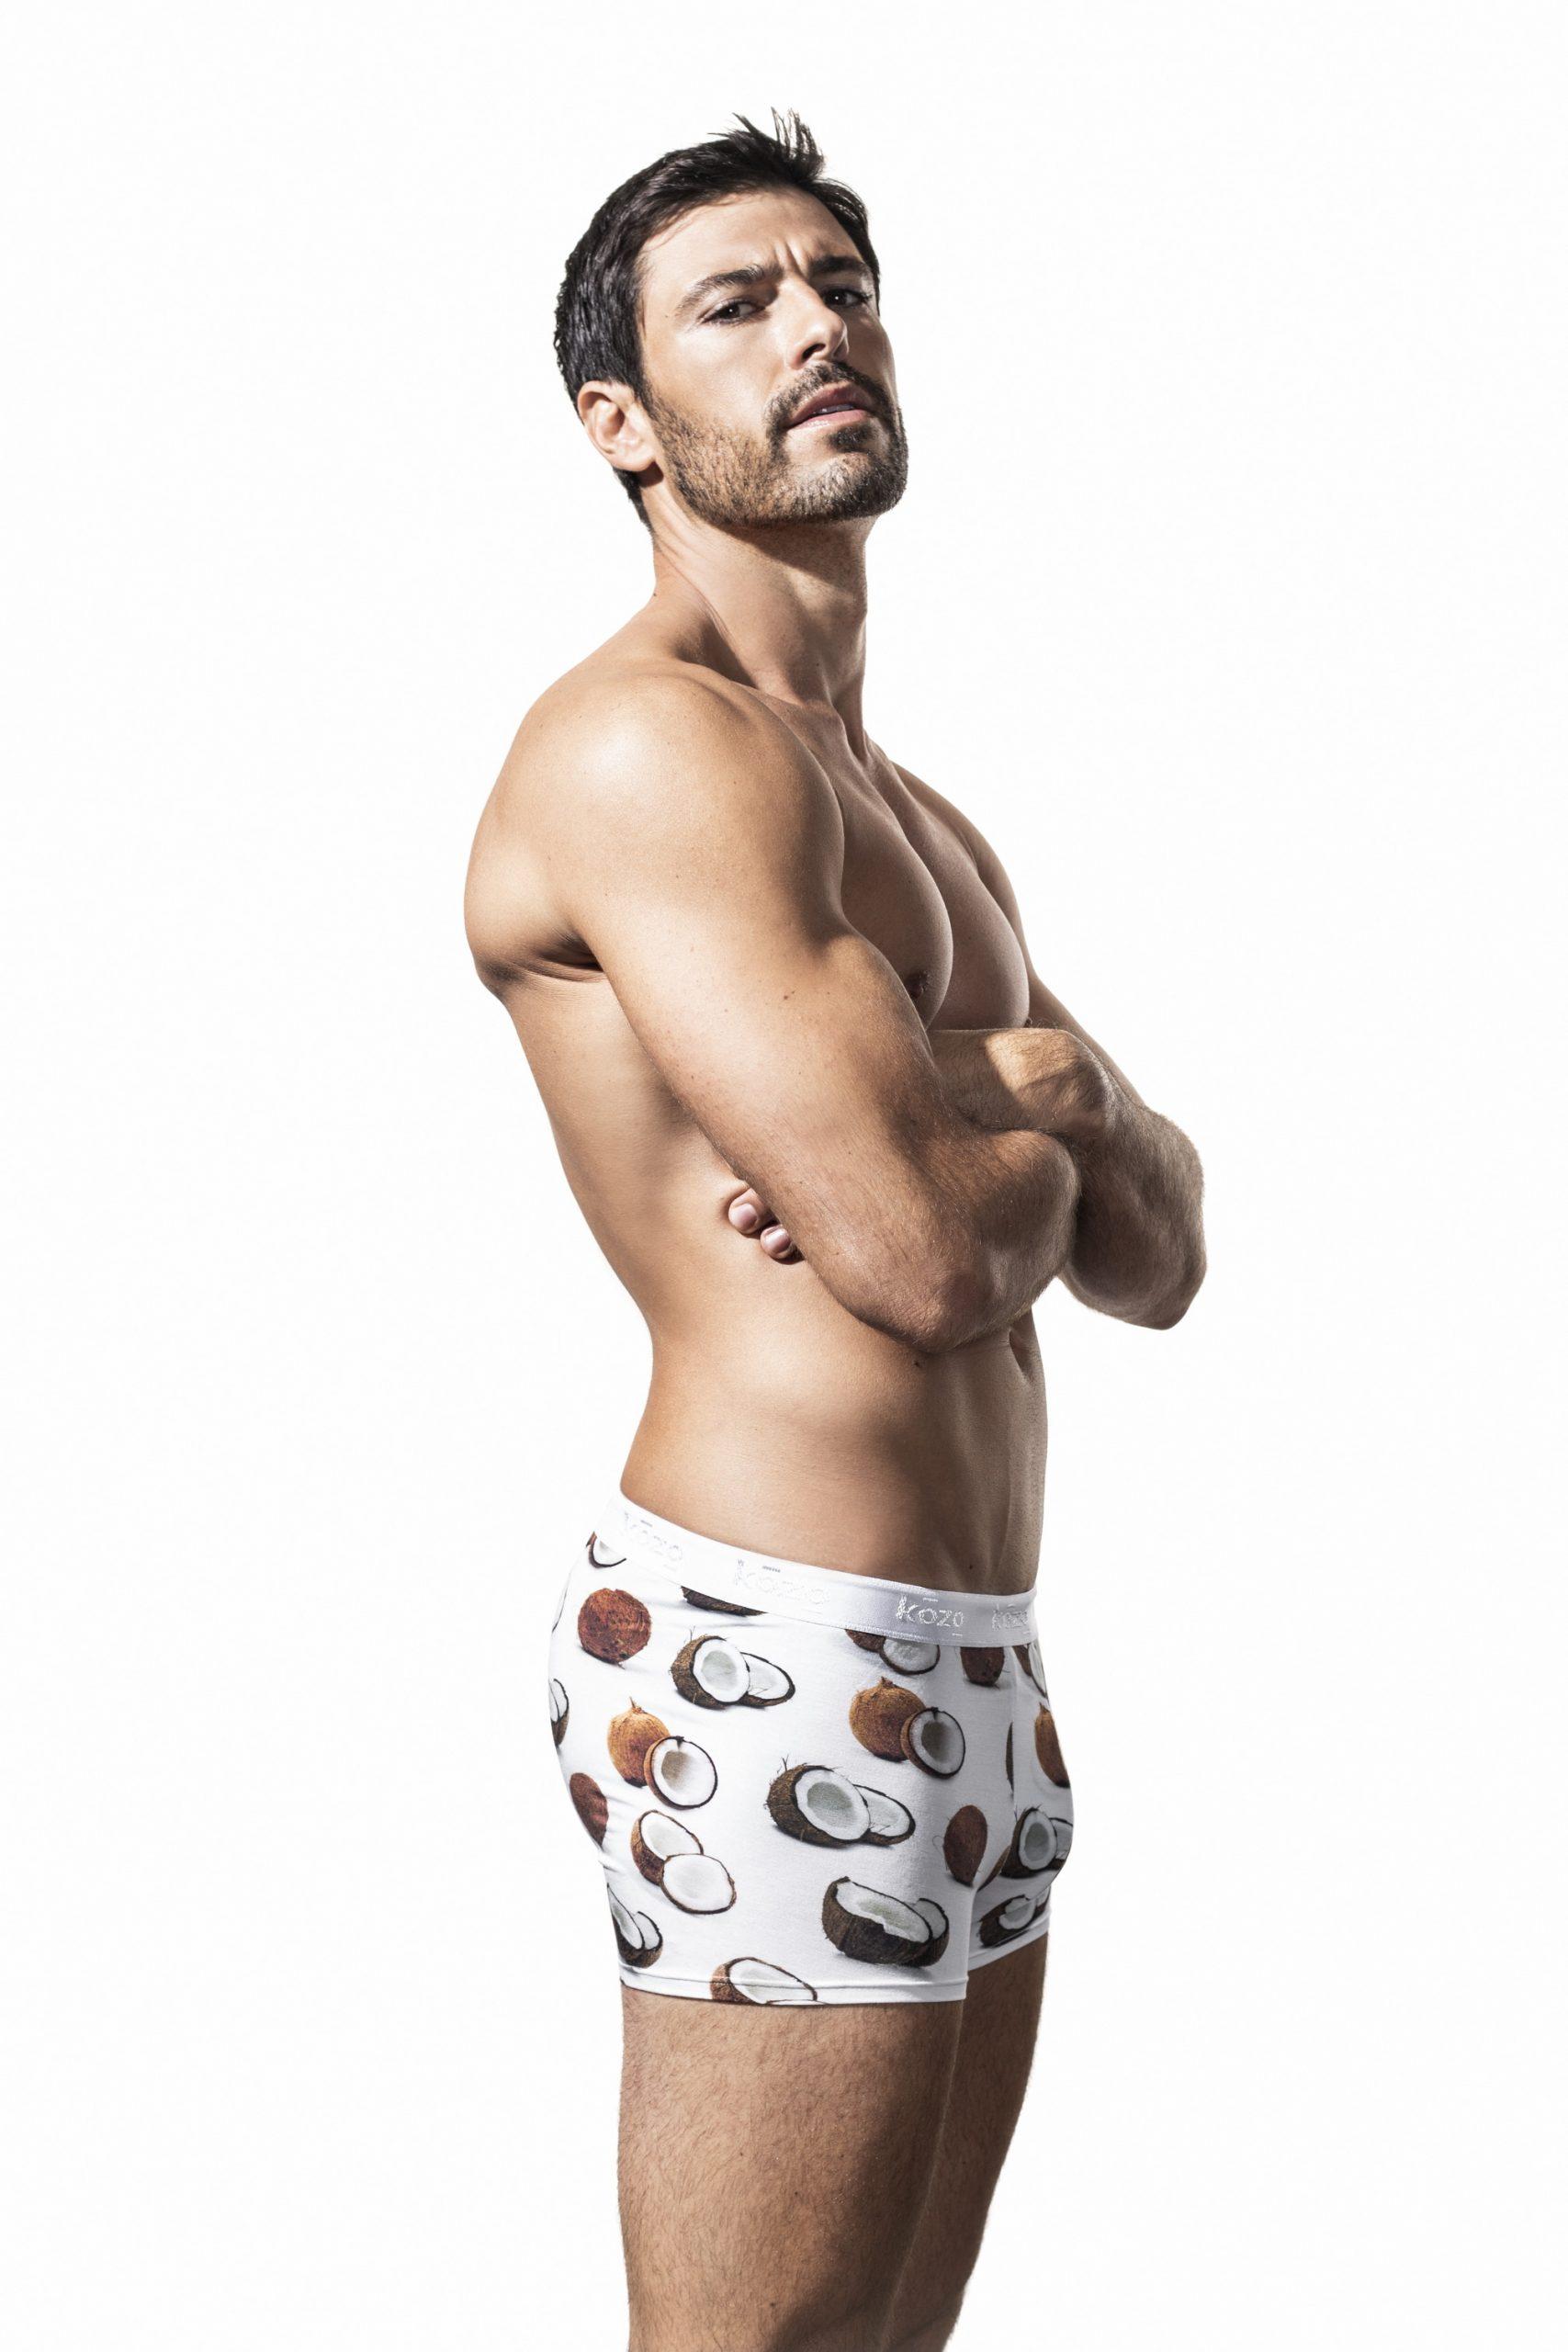 KOZO - novi modni brend rublja za muškarce koji znaju što žele!